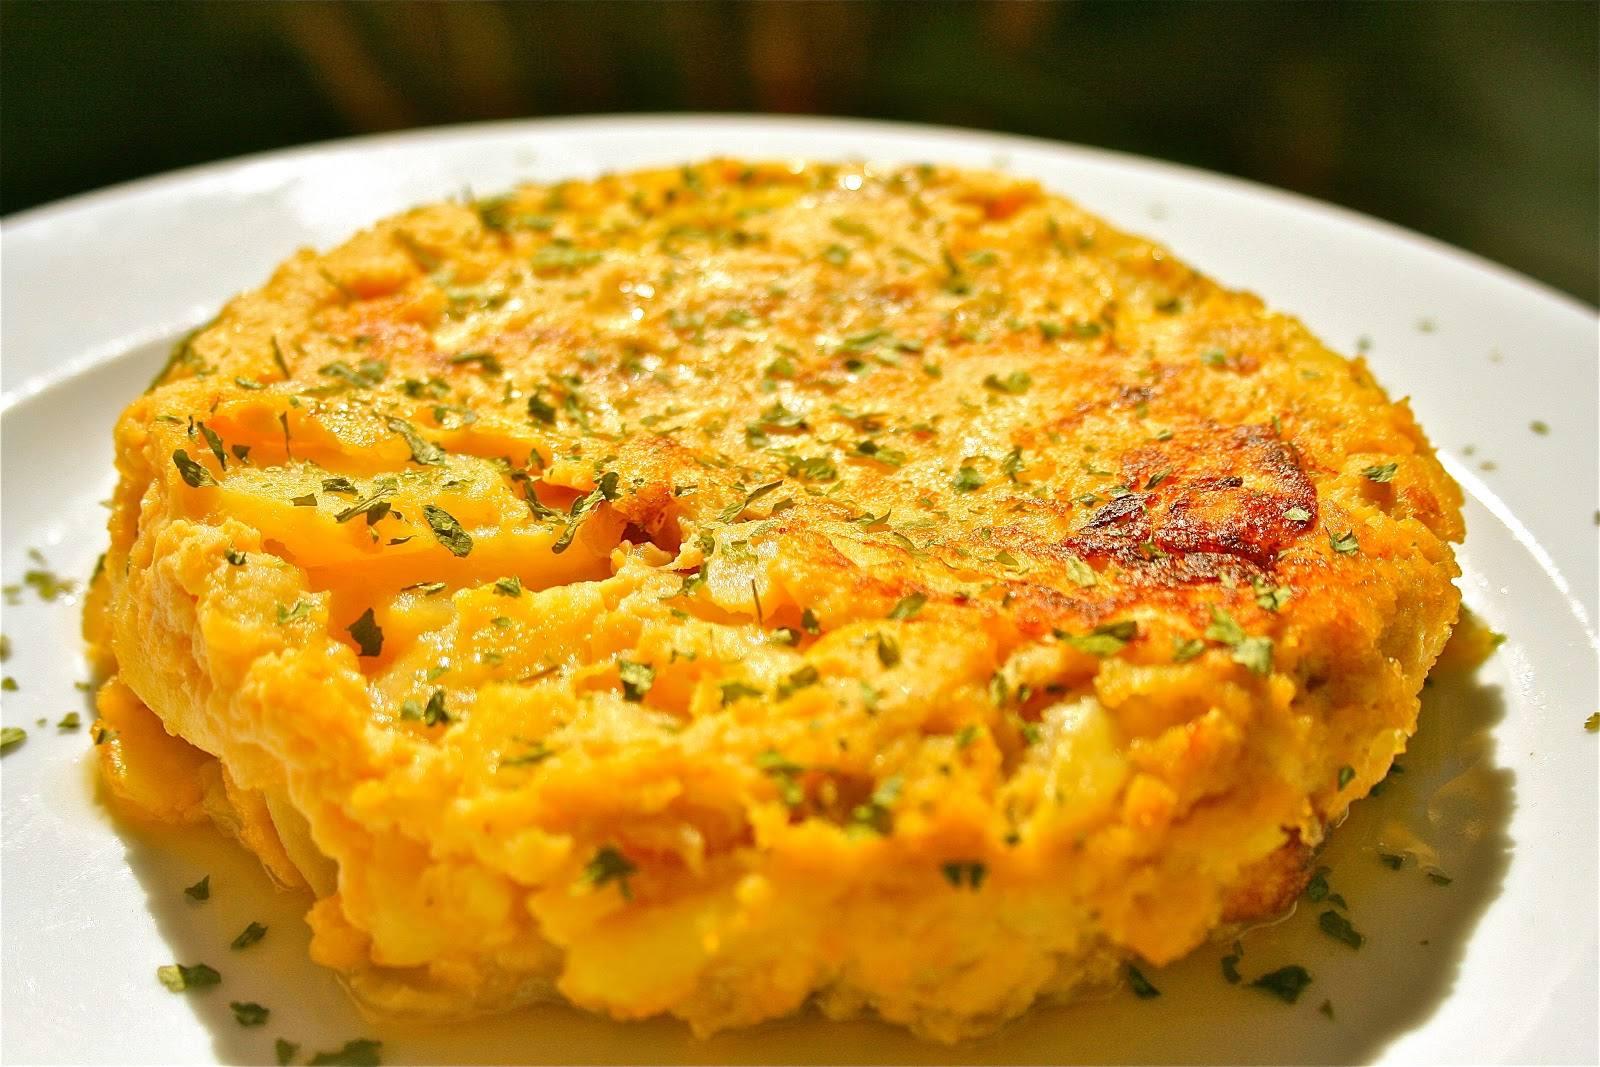 طريقة عمل تورتيا إسبانية بالبيض والبطاطس